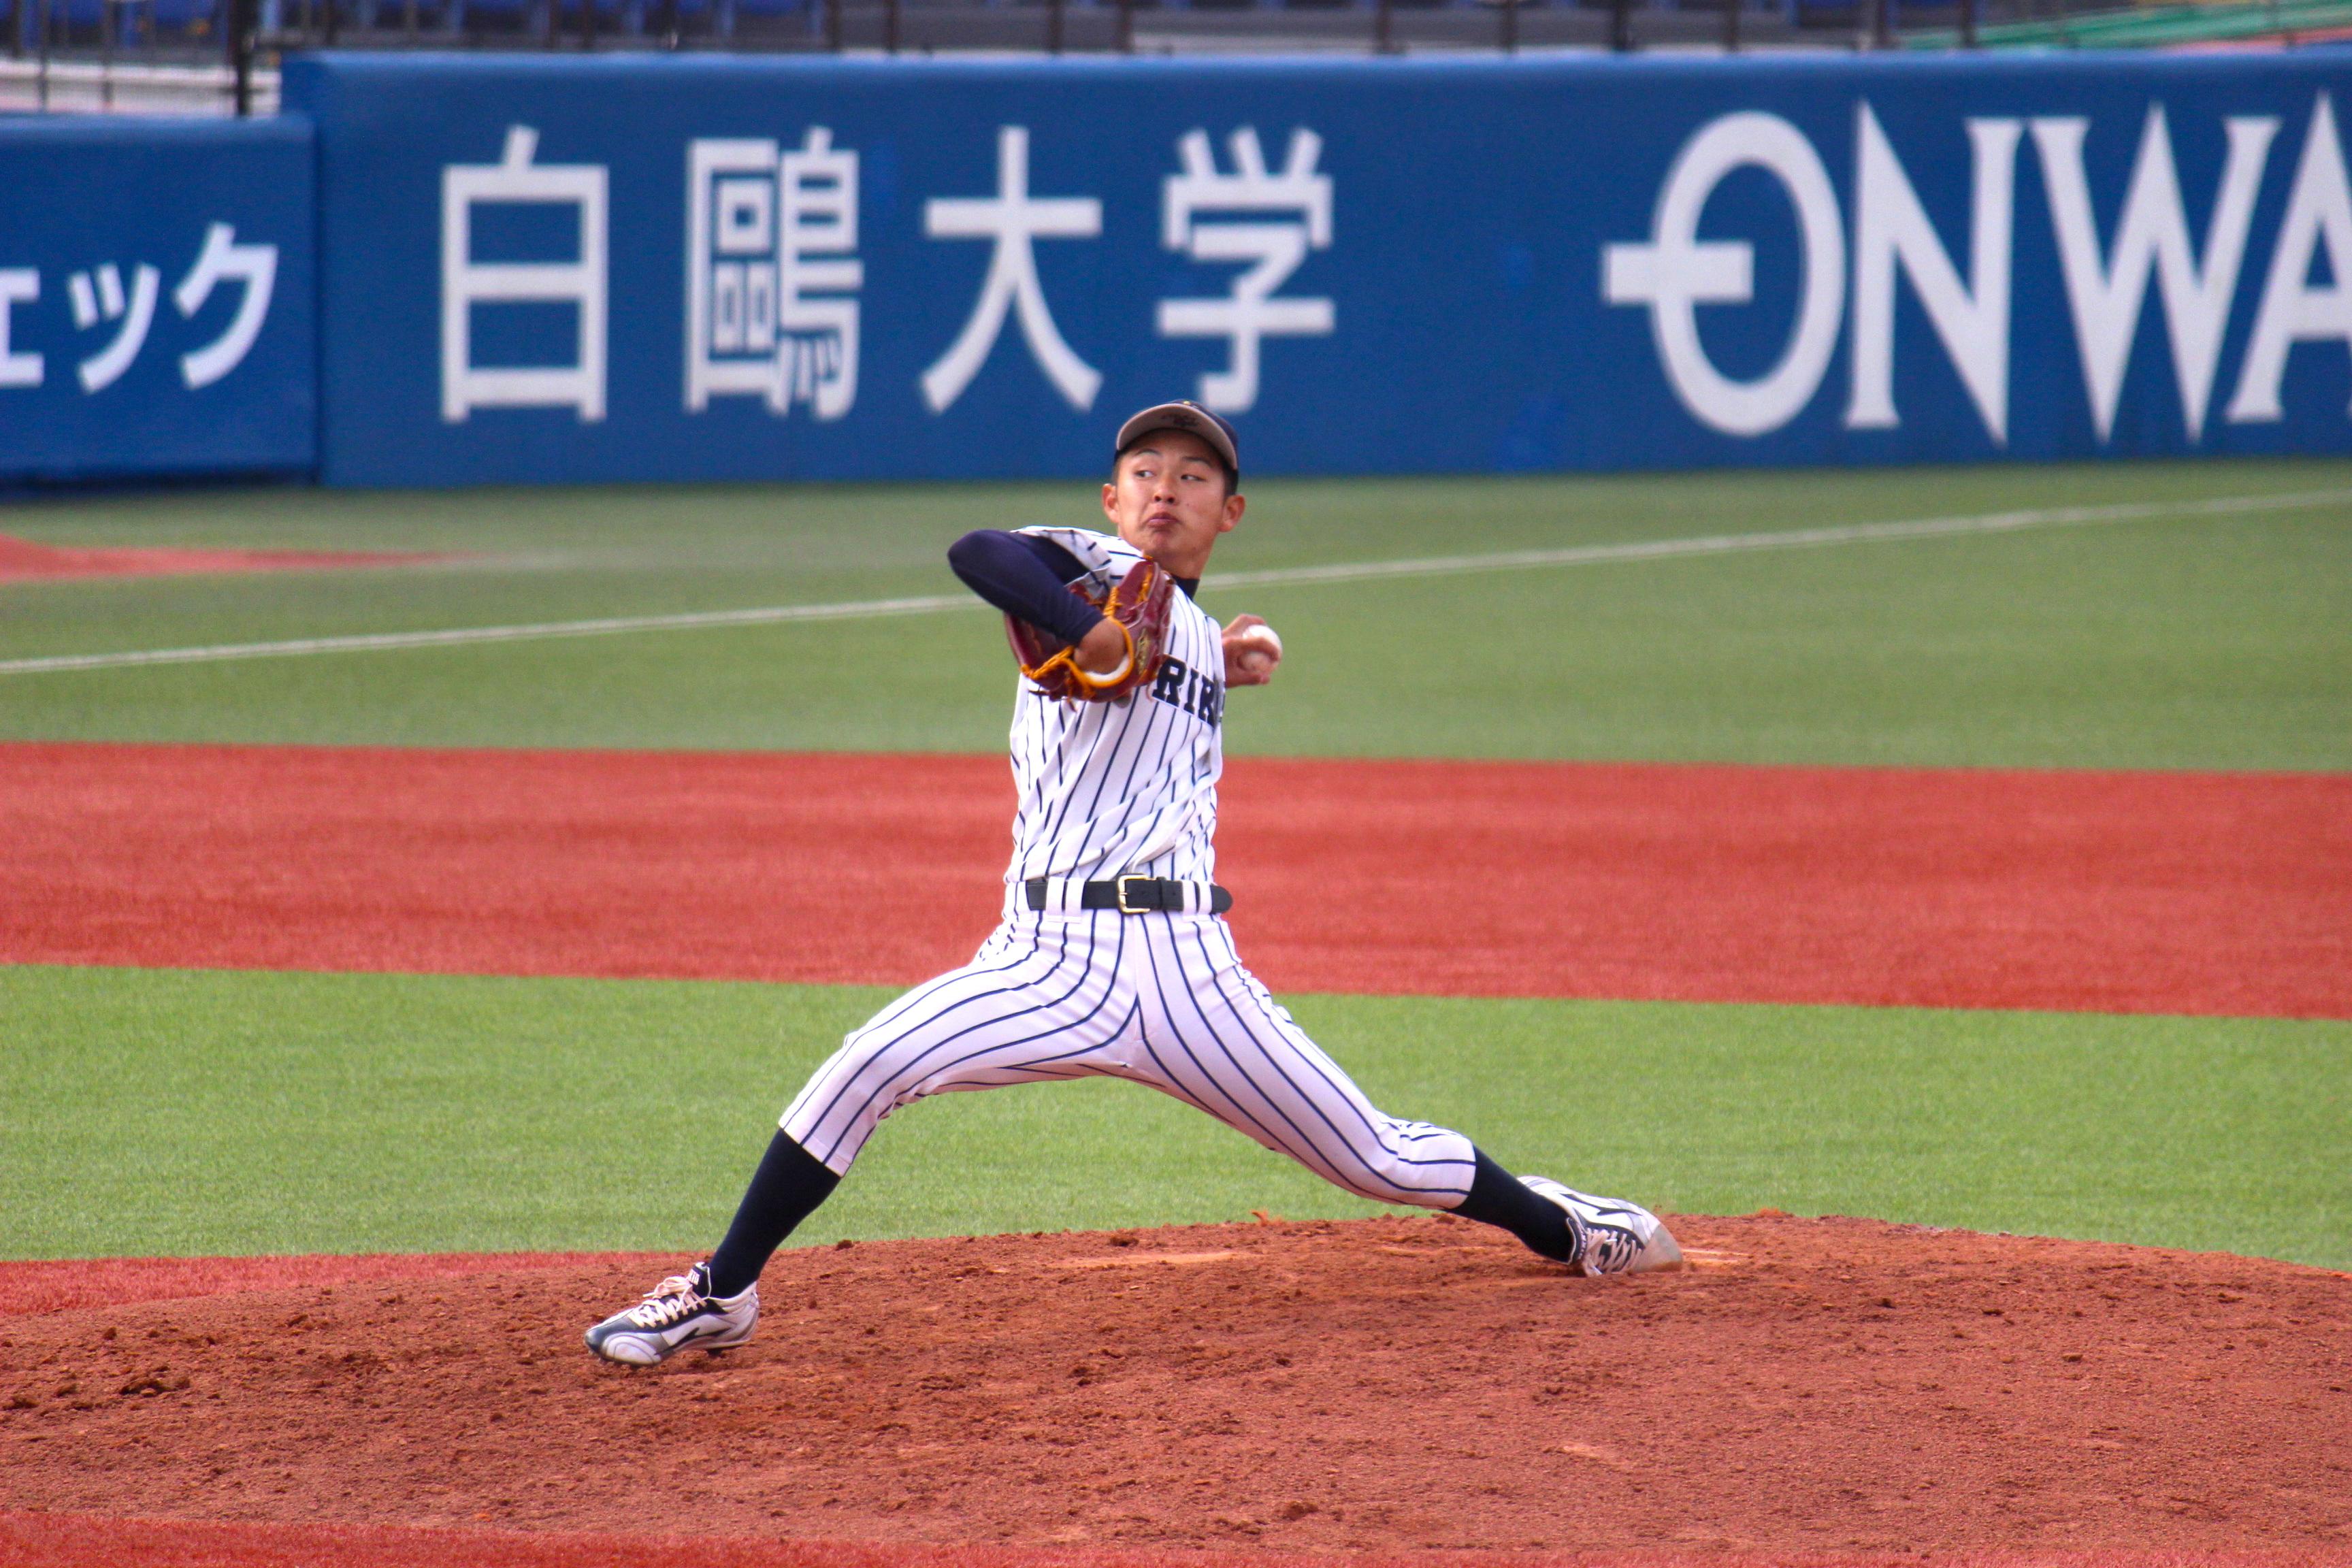 田中誠也(たなか・せいや)・・1997年10月27日生まれ。大阪府大東市出身。四条北ヤンキース(軟式)→生駒ボーイズ(硬式)→大阪桐蔭→立教大4年。173cm68kg。左投左打。